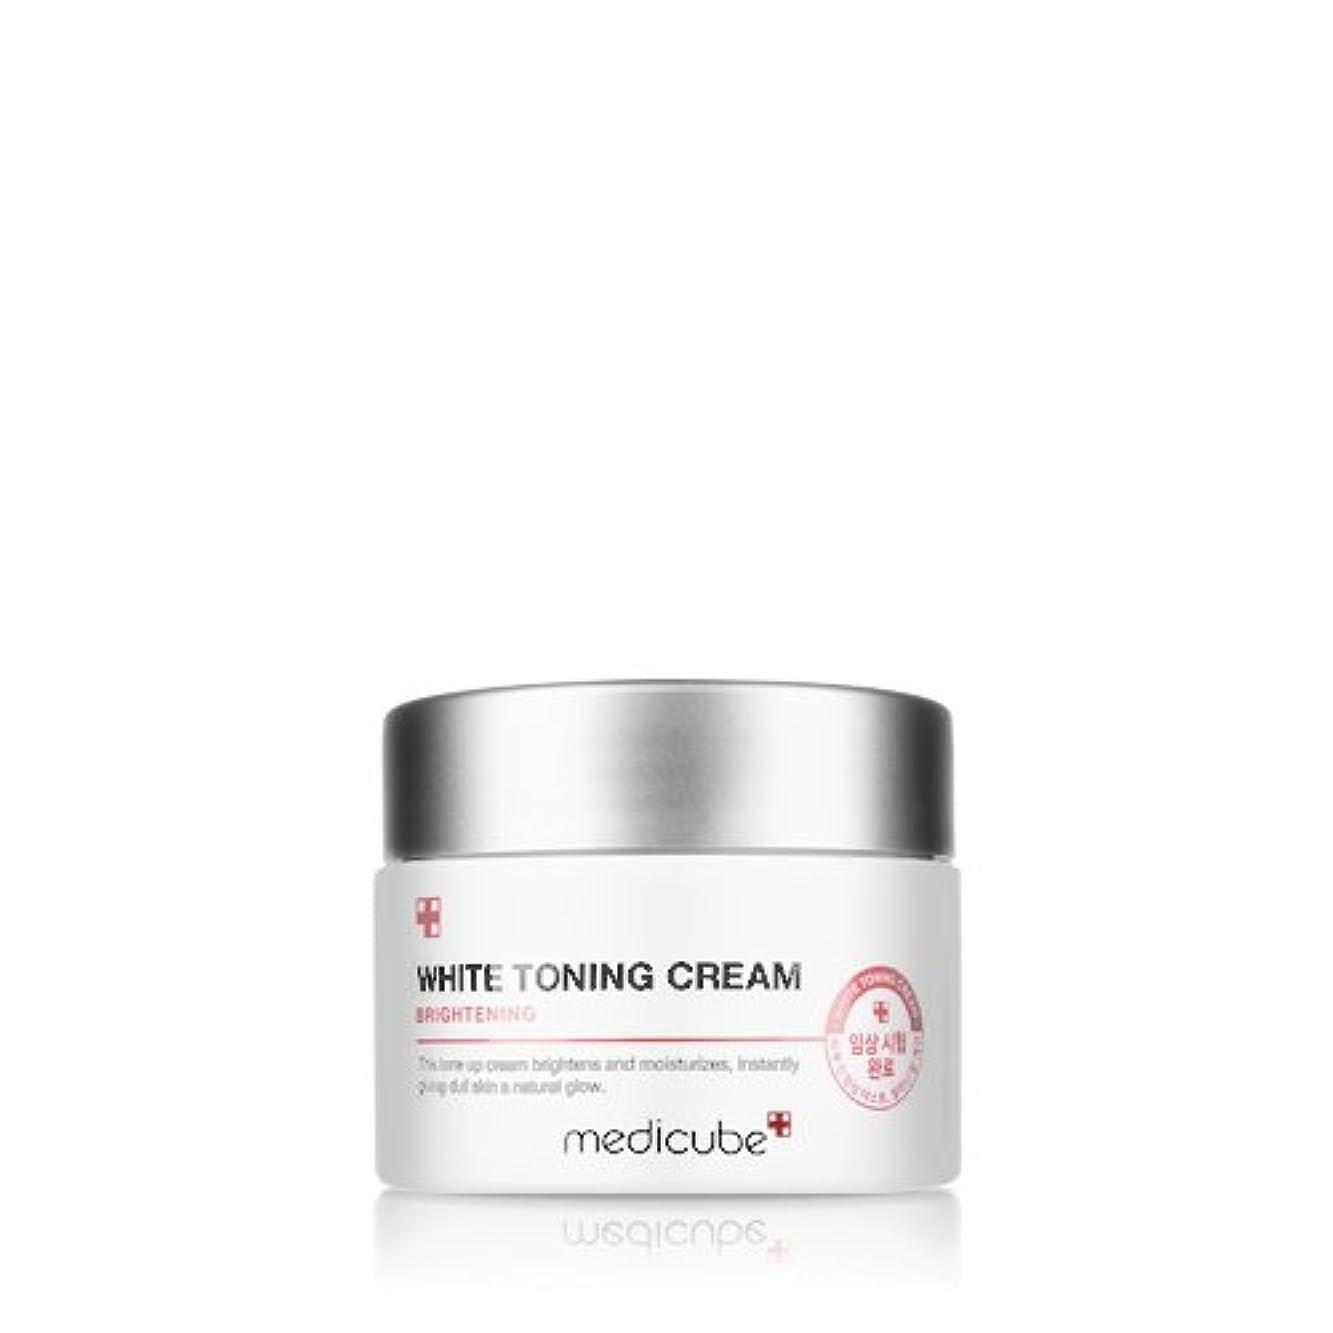 アンドリューハリディ果てしない確かめる[Medicube] WHITE TONING CREAM / メディキューブ ホワイトトーニングクリーム / 正品?海外直送商品